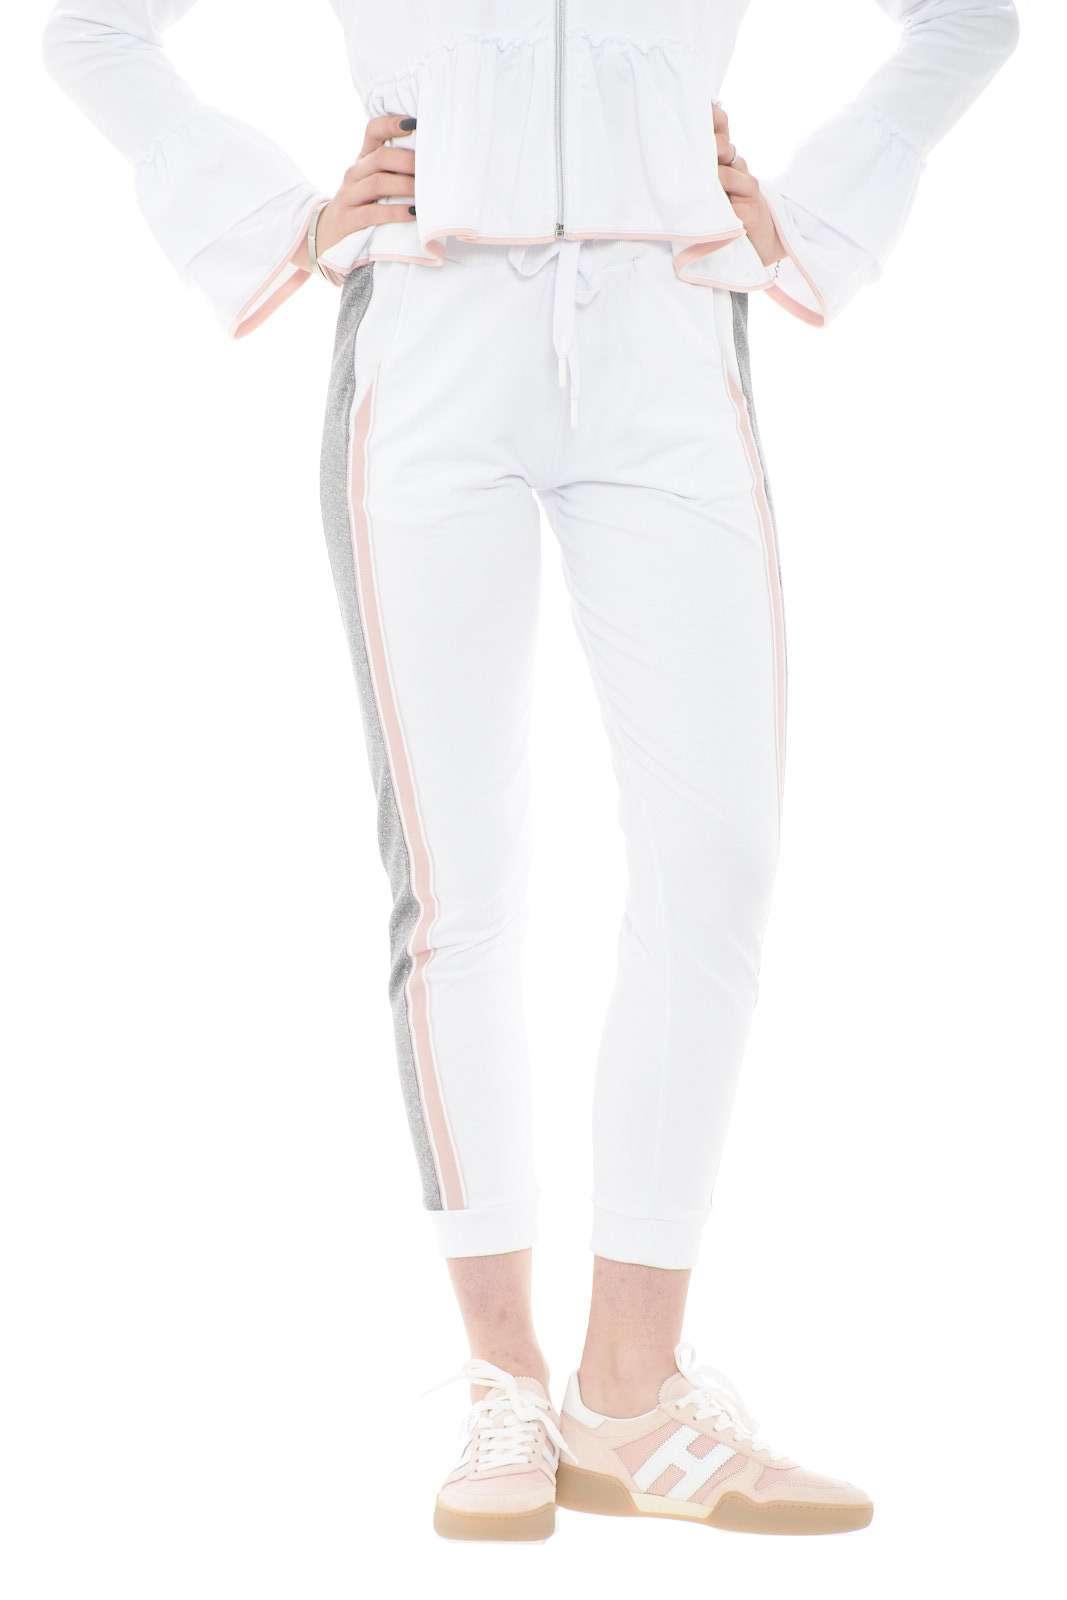 Una pantalone sportivo da indossare con i look più casual e quotidiani quelli proposti per la collezione donna Le Voliere. Da abbinare ad una T shirt ed una sneakers dai colori tenui per un effetto glamour. Divertiti con uno sportwear indimenticabile.